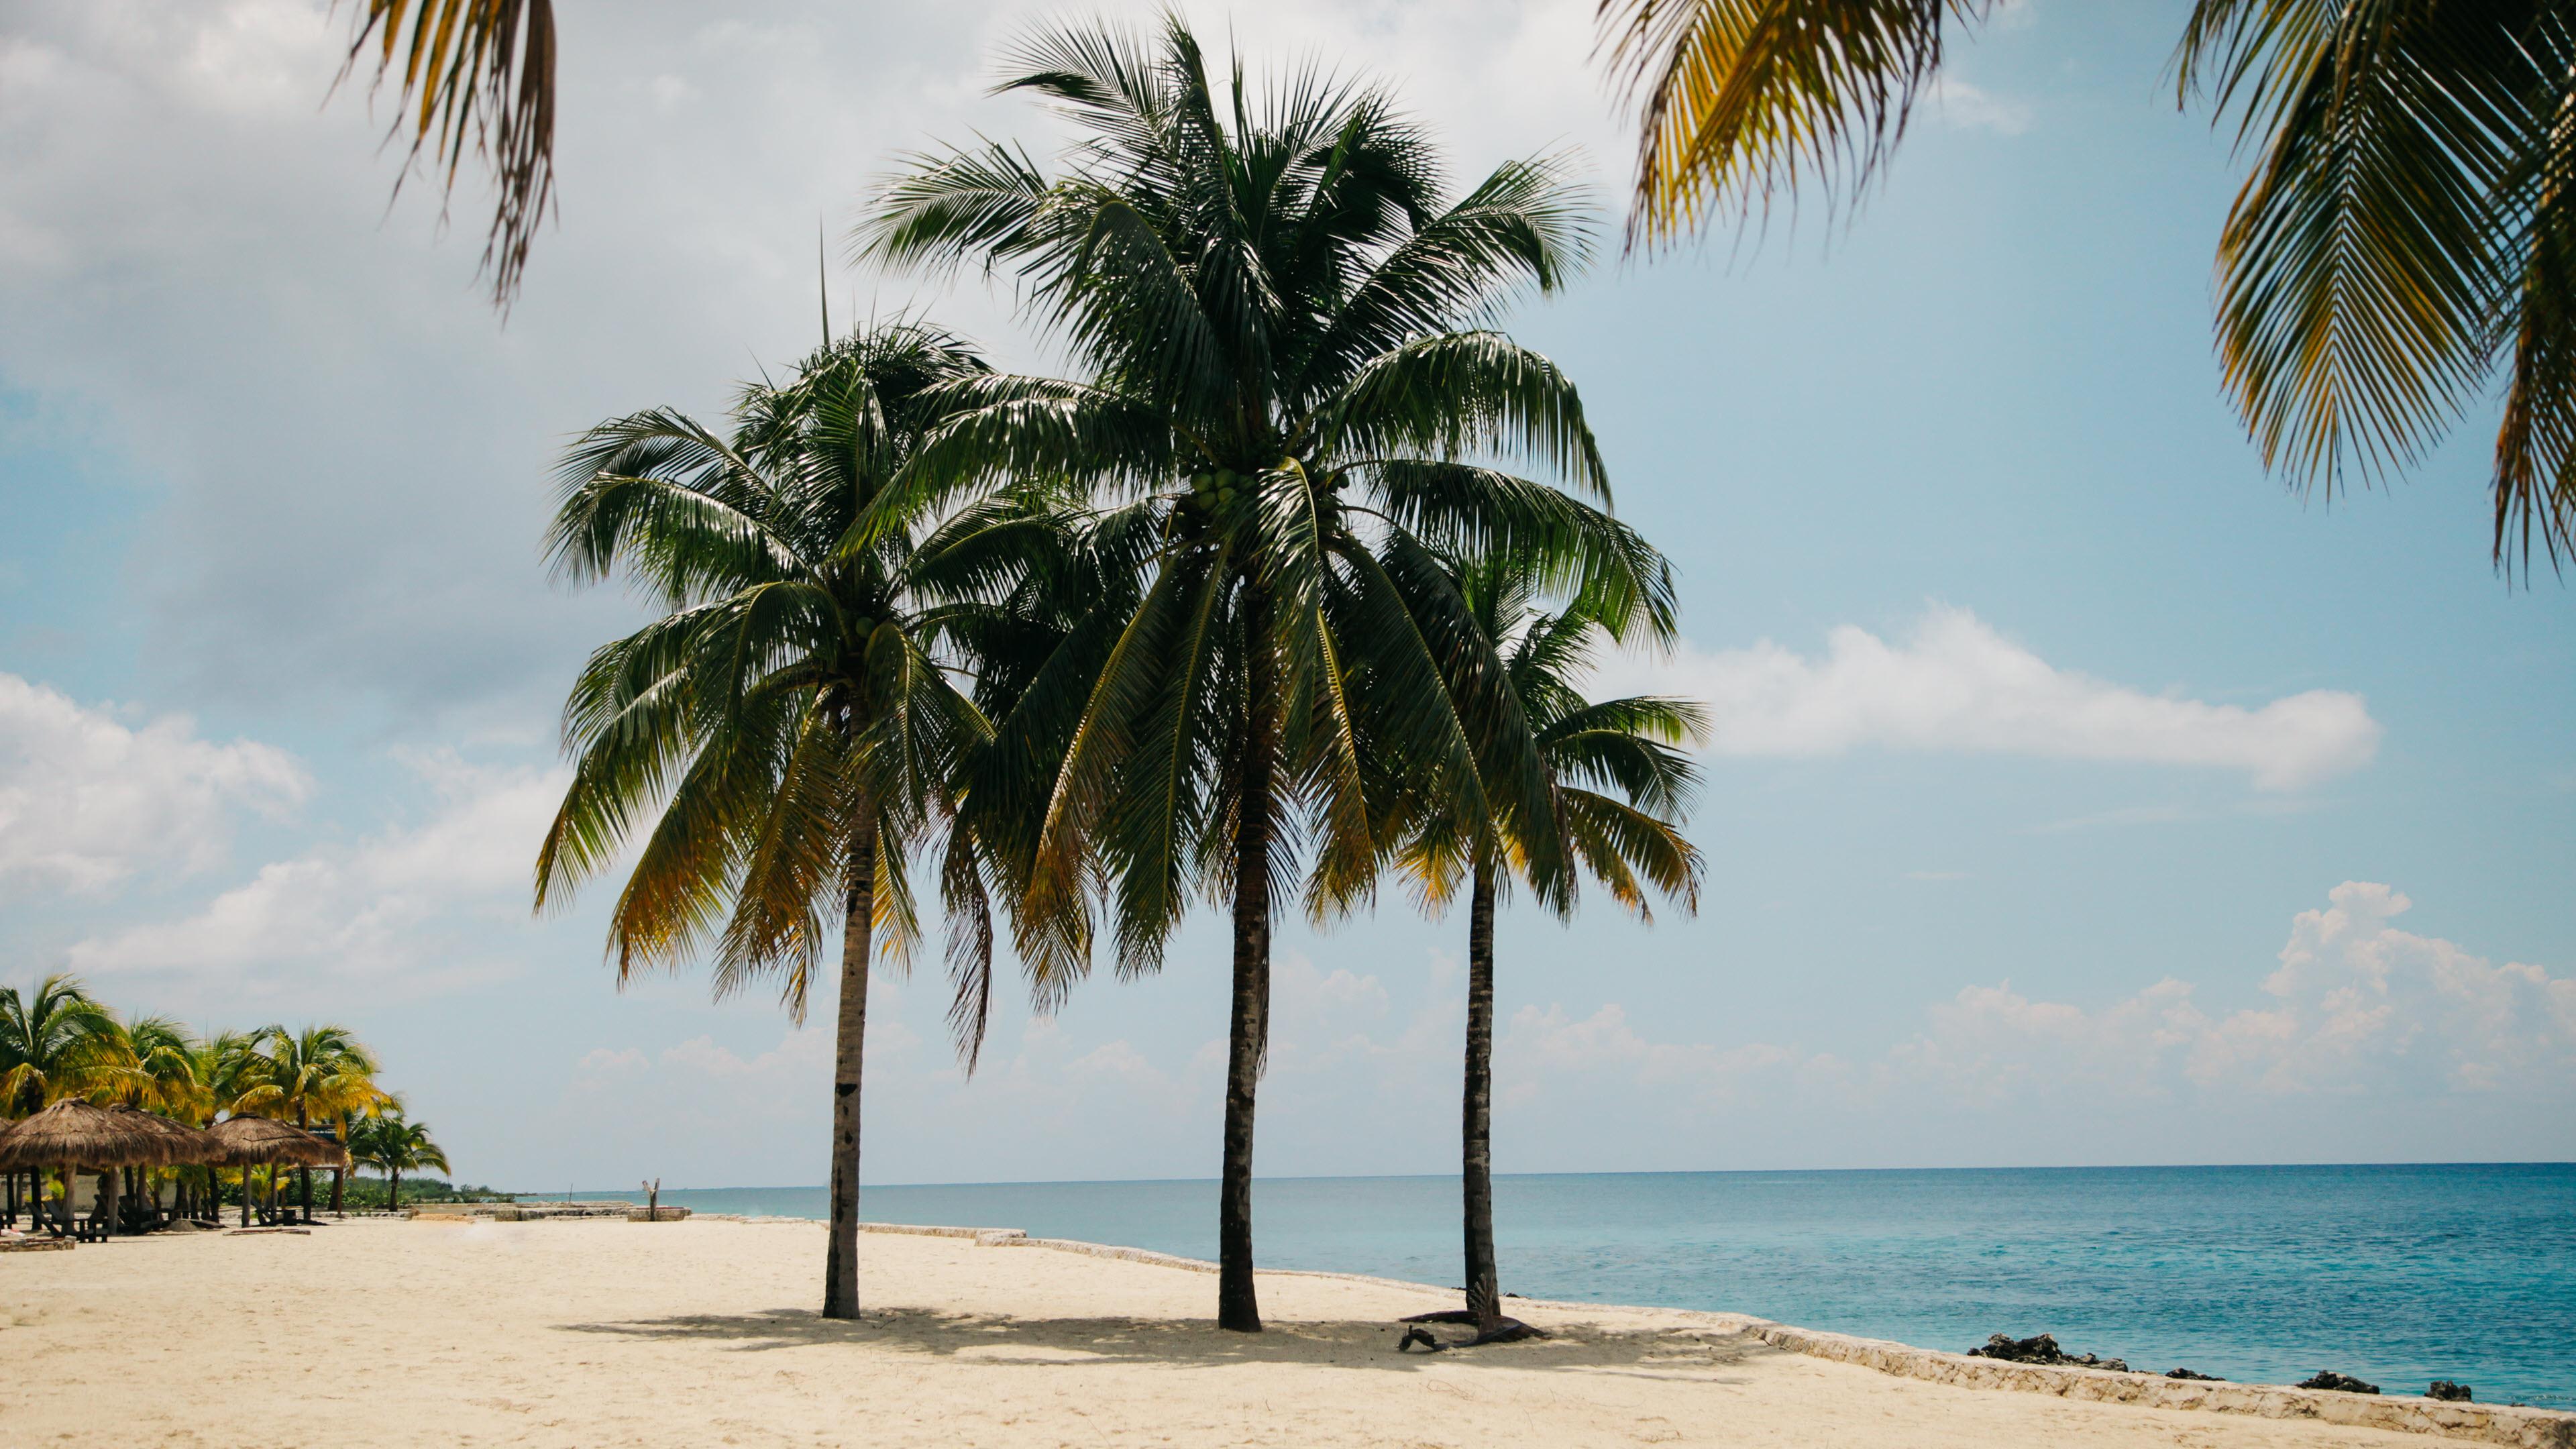 Ảnh nền bãi biển đẹp 4K